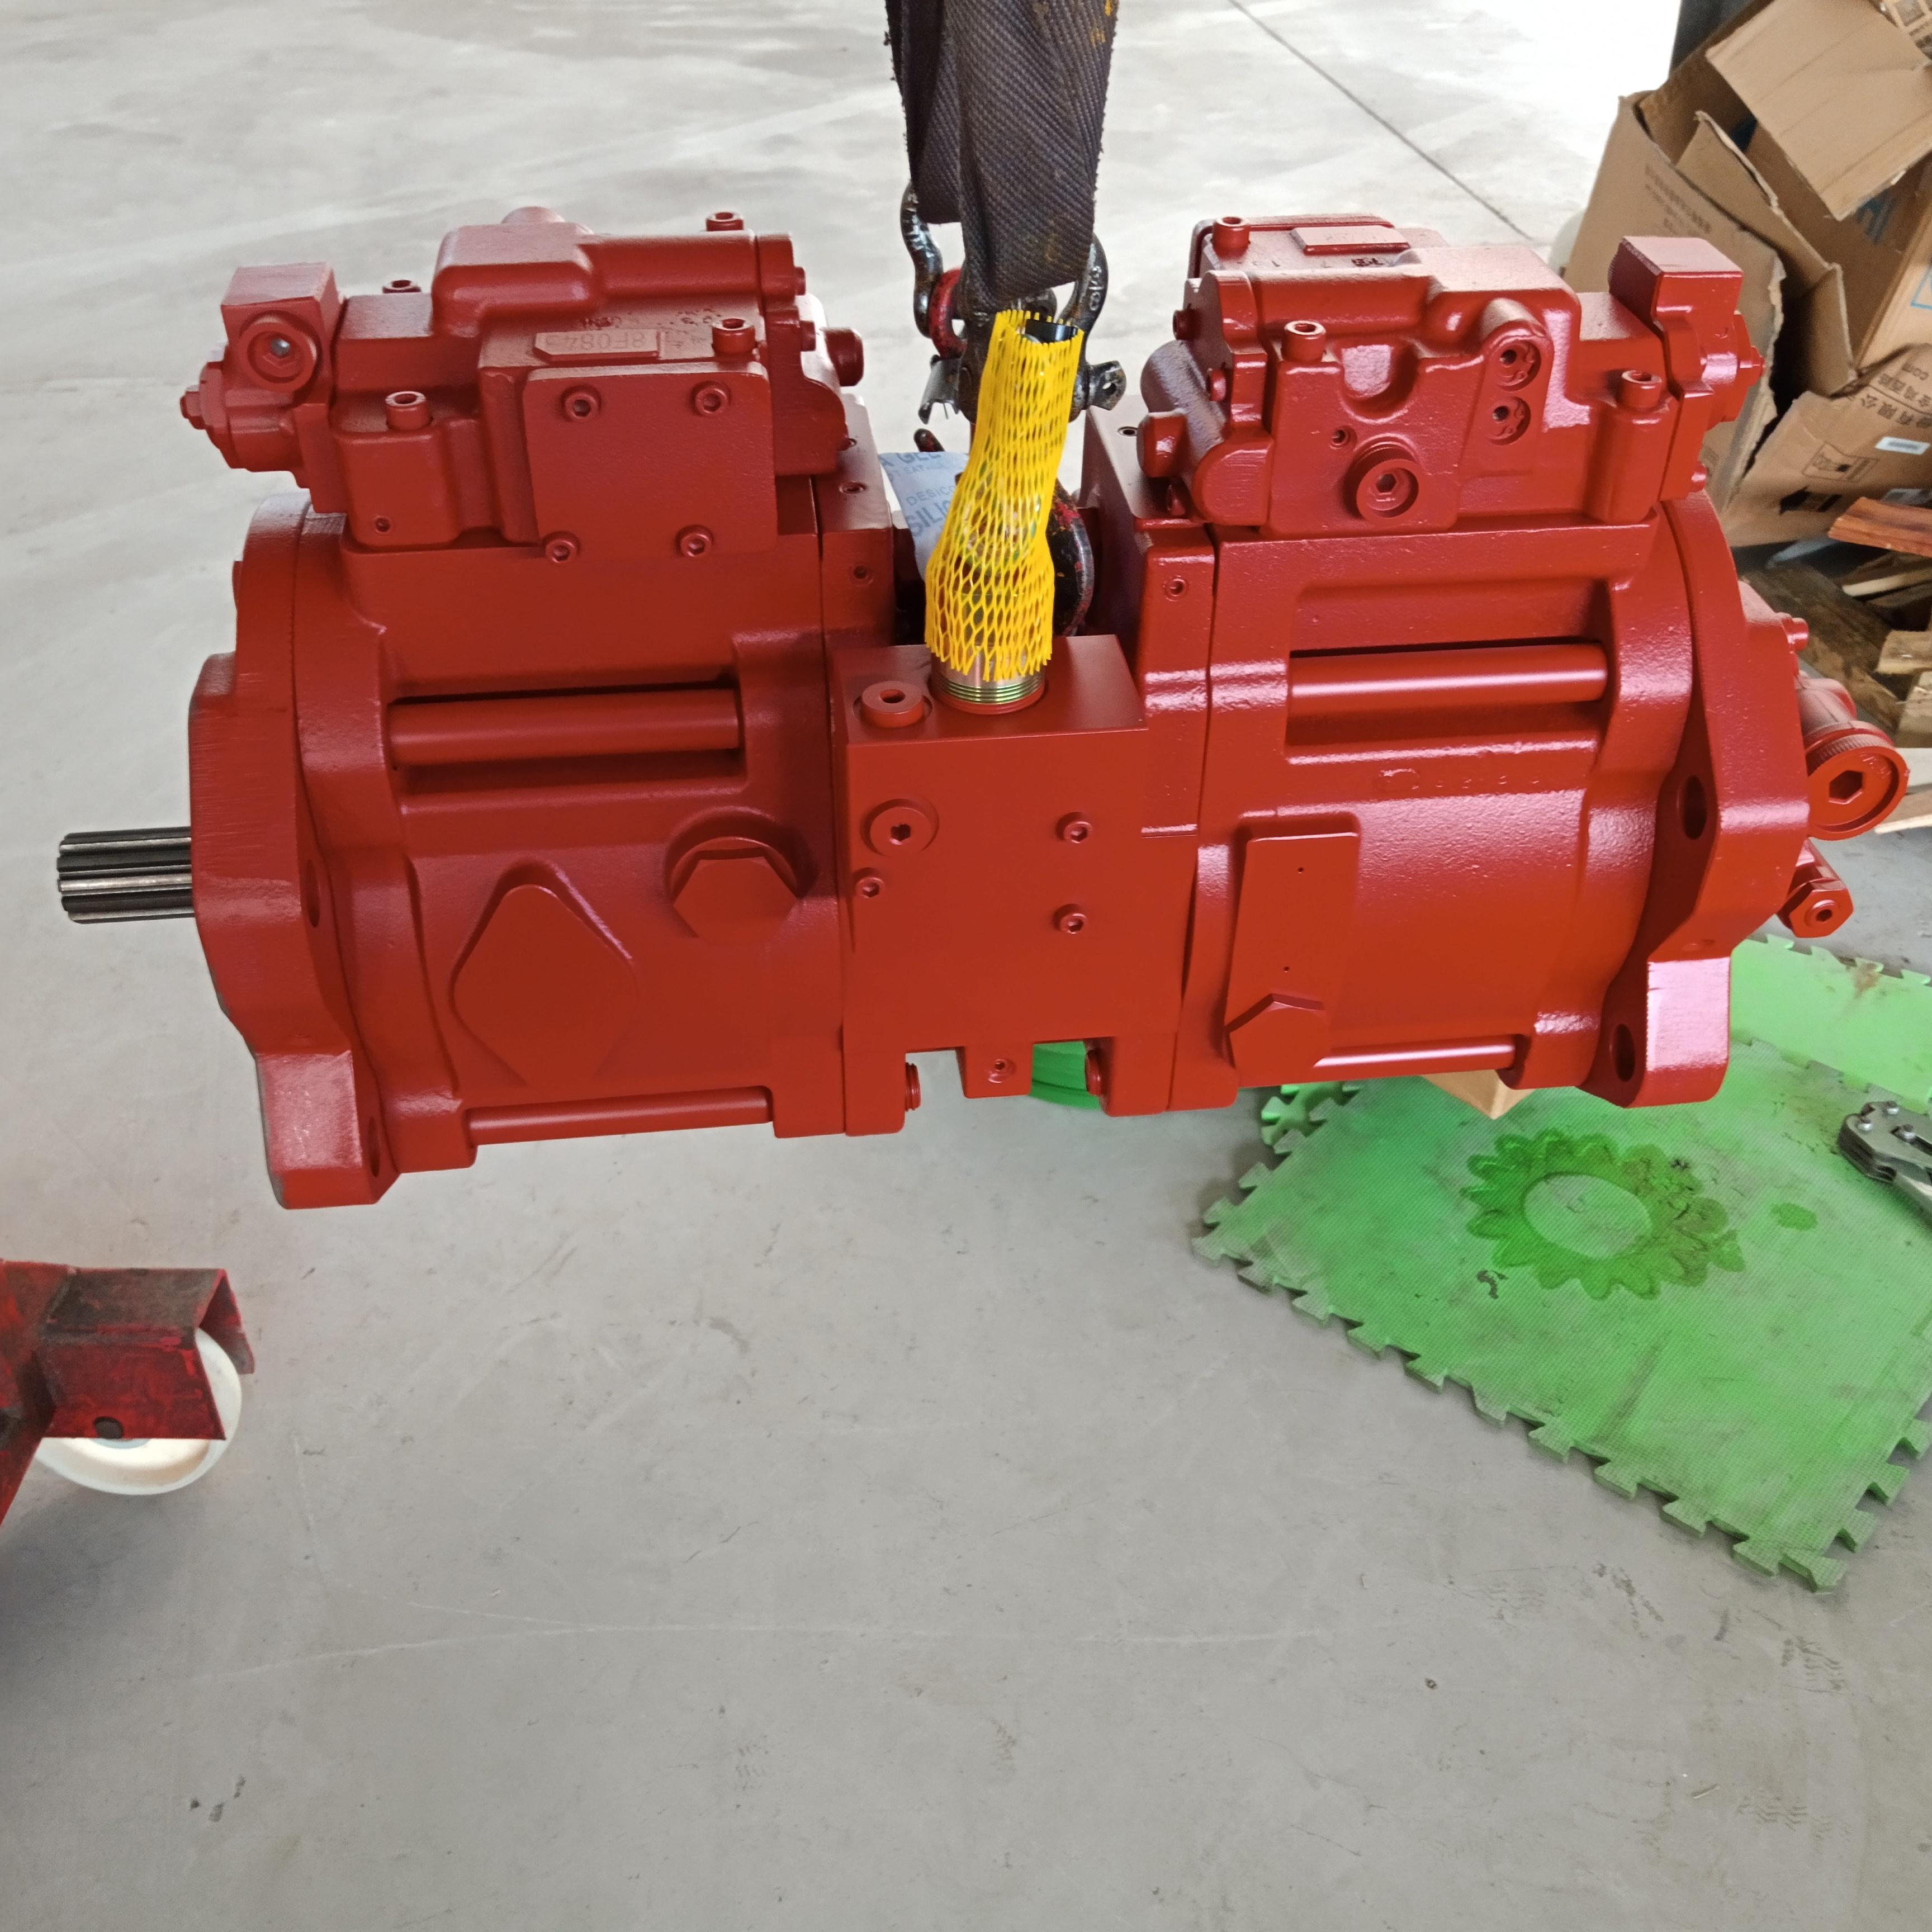 Экскаватор Kawasaki основного насоса R250LC-3 гидравлический насос